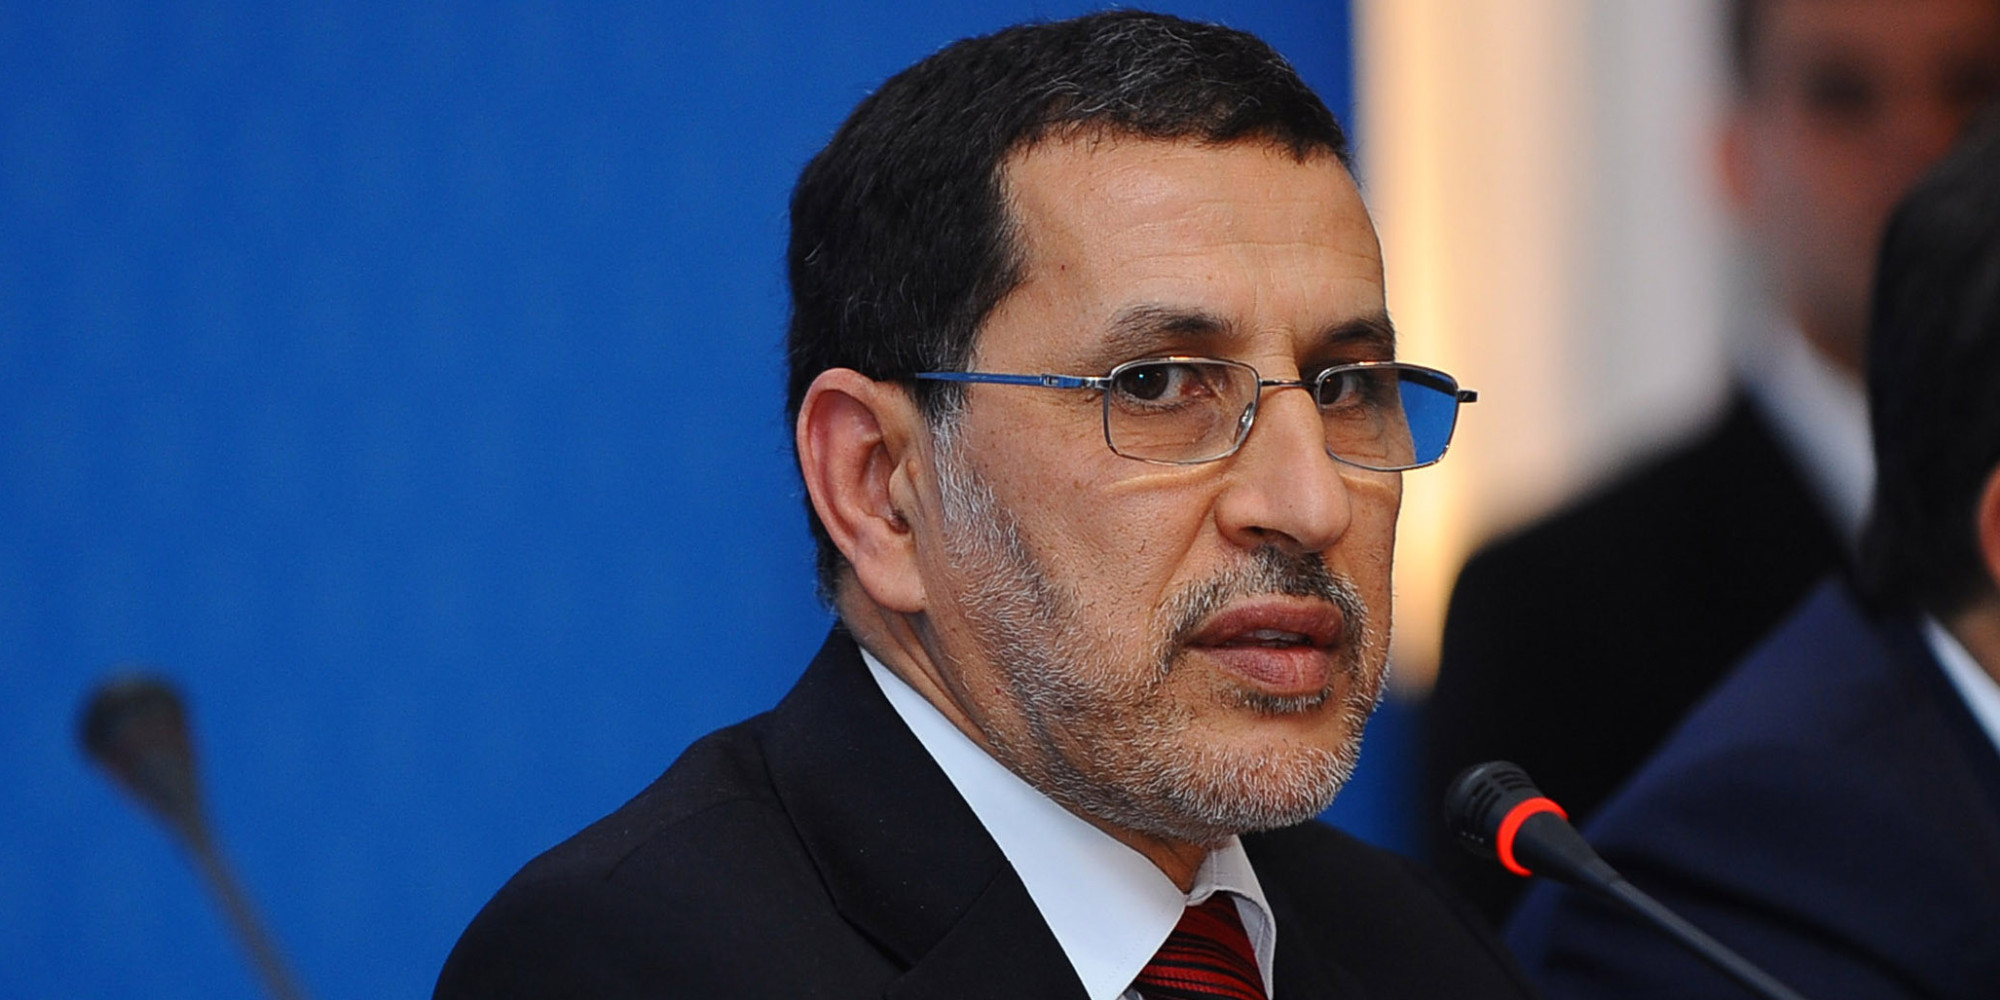 رئيس الحكومة : لا رجعة عن خيار التوظيف الجهوي